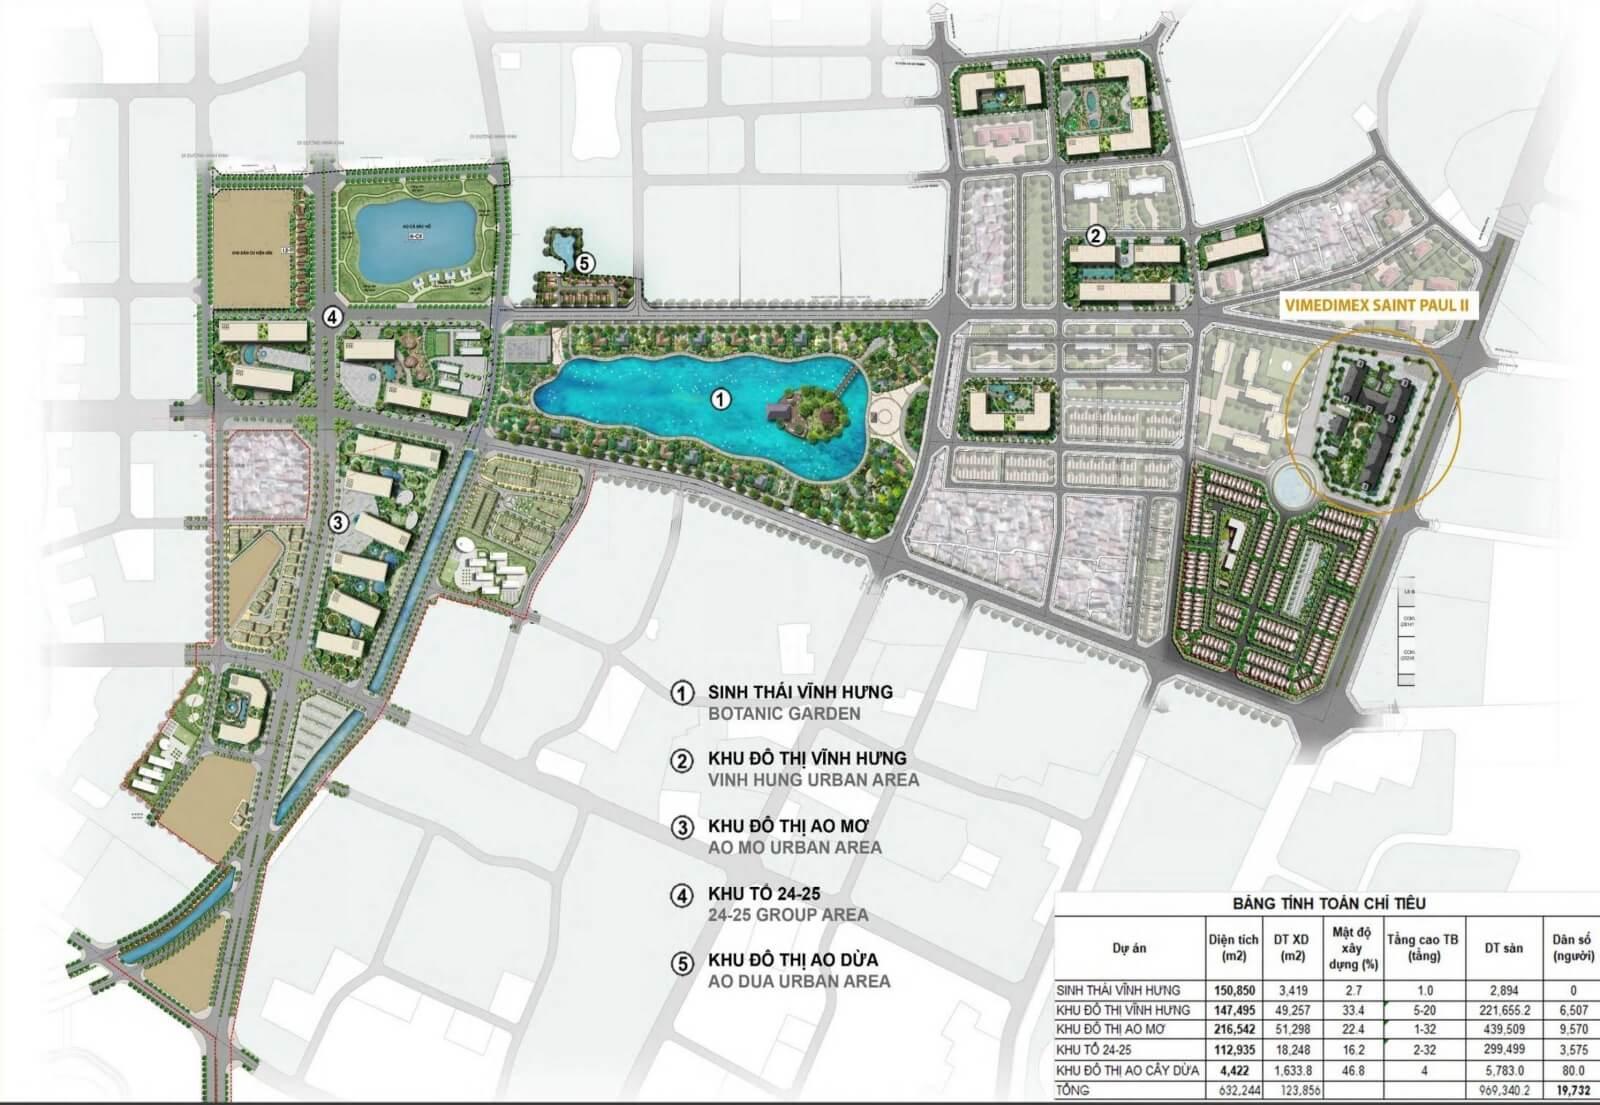 Bản đồ quy hoạch khu đô thị Ao Mơ